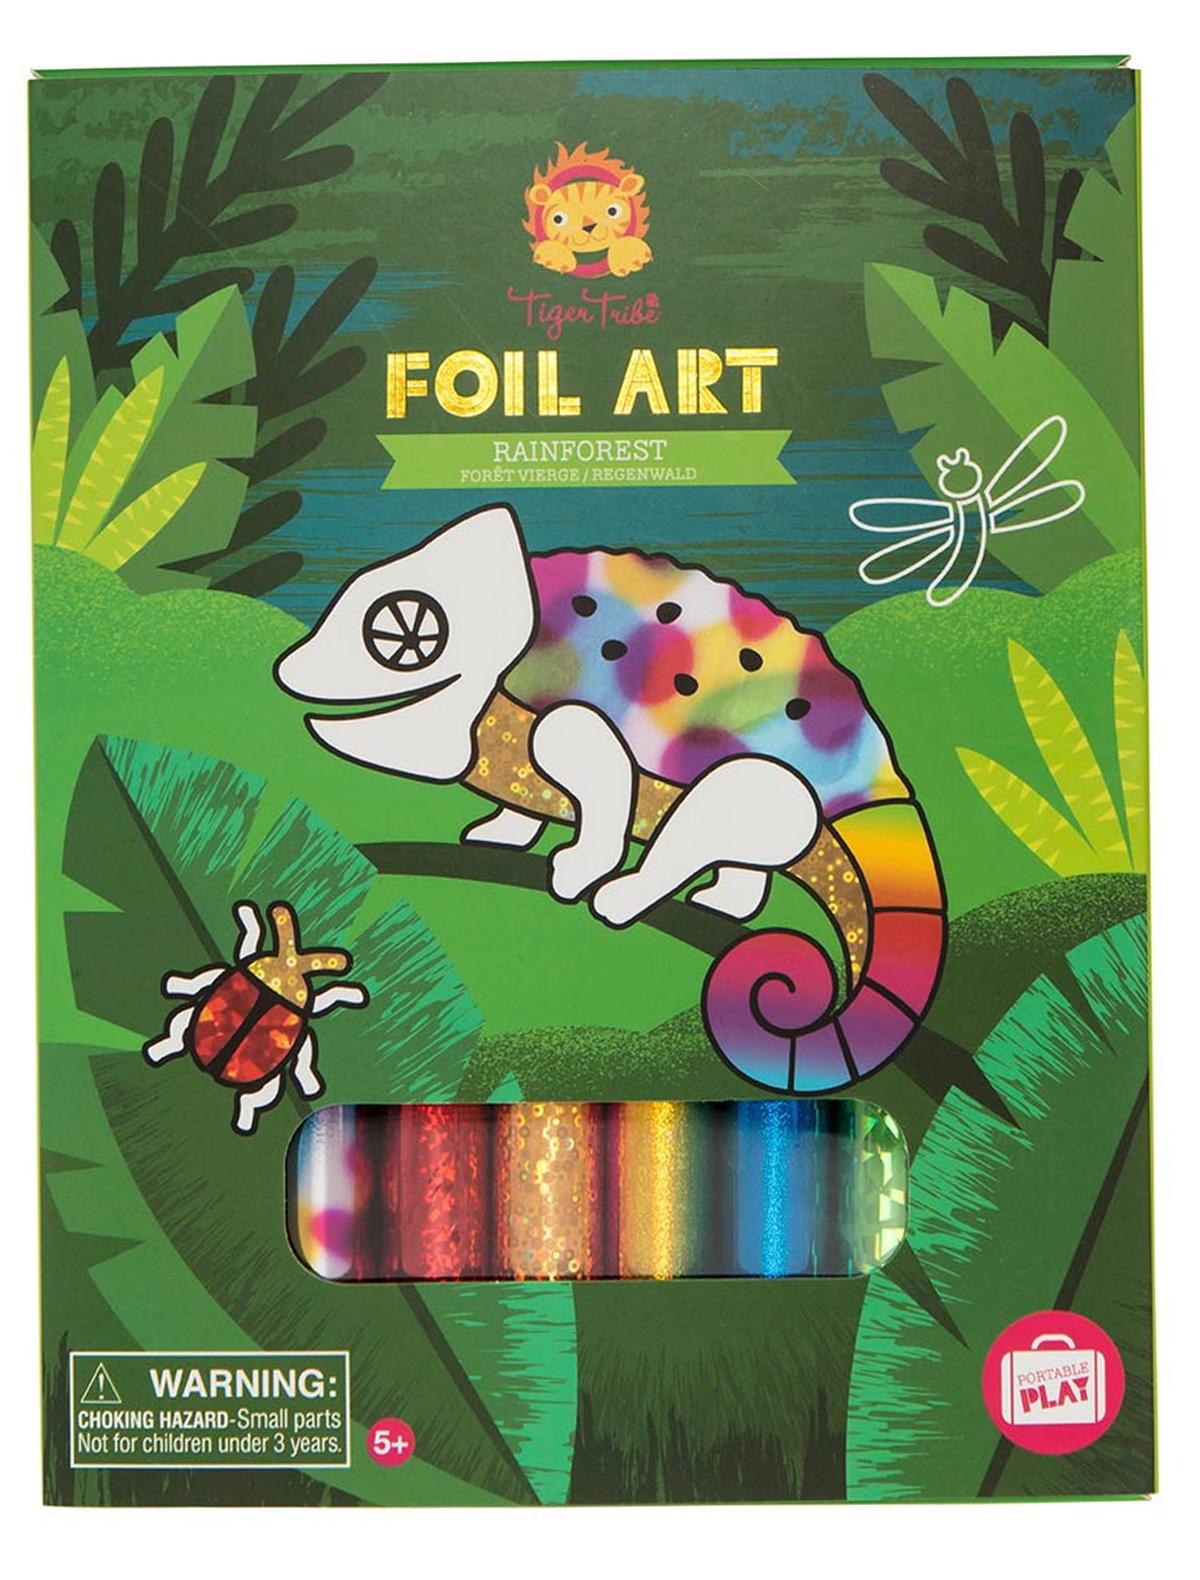 Игрушка Tiger Tribe 2145973 разноцветного цвета